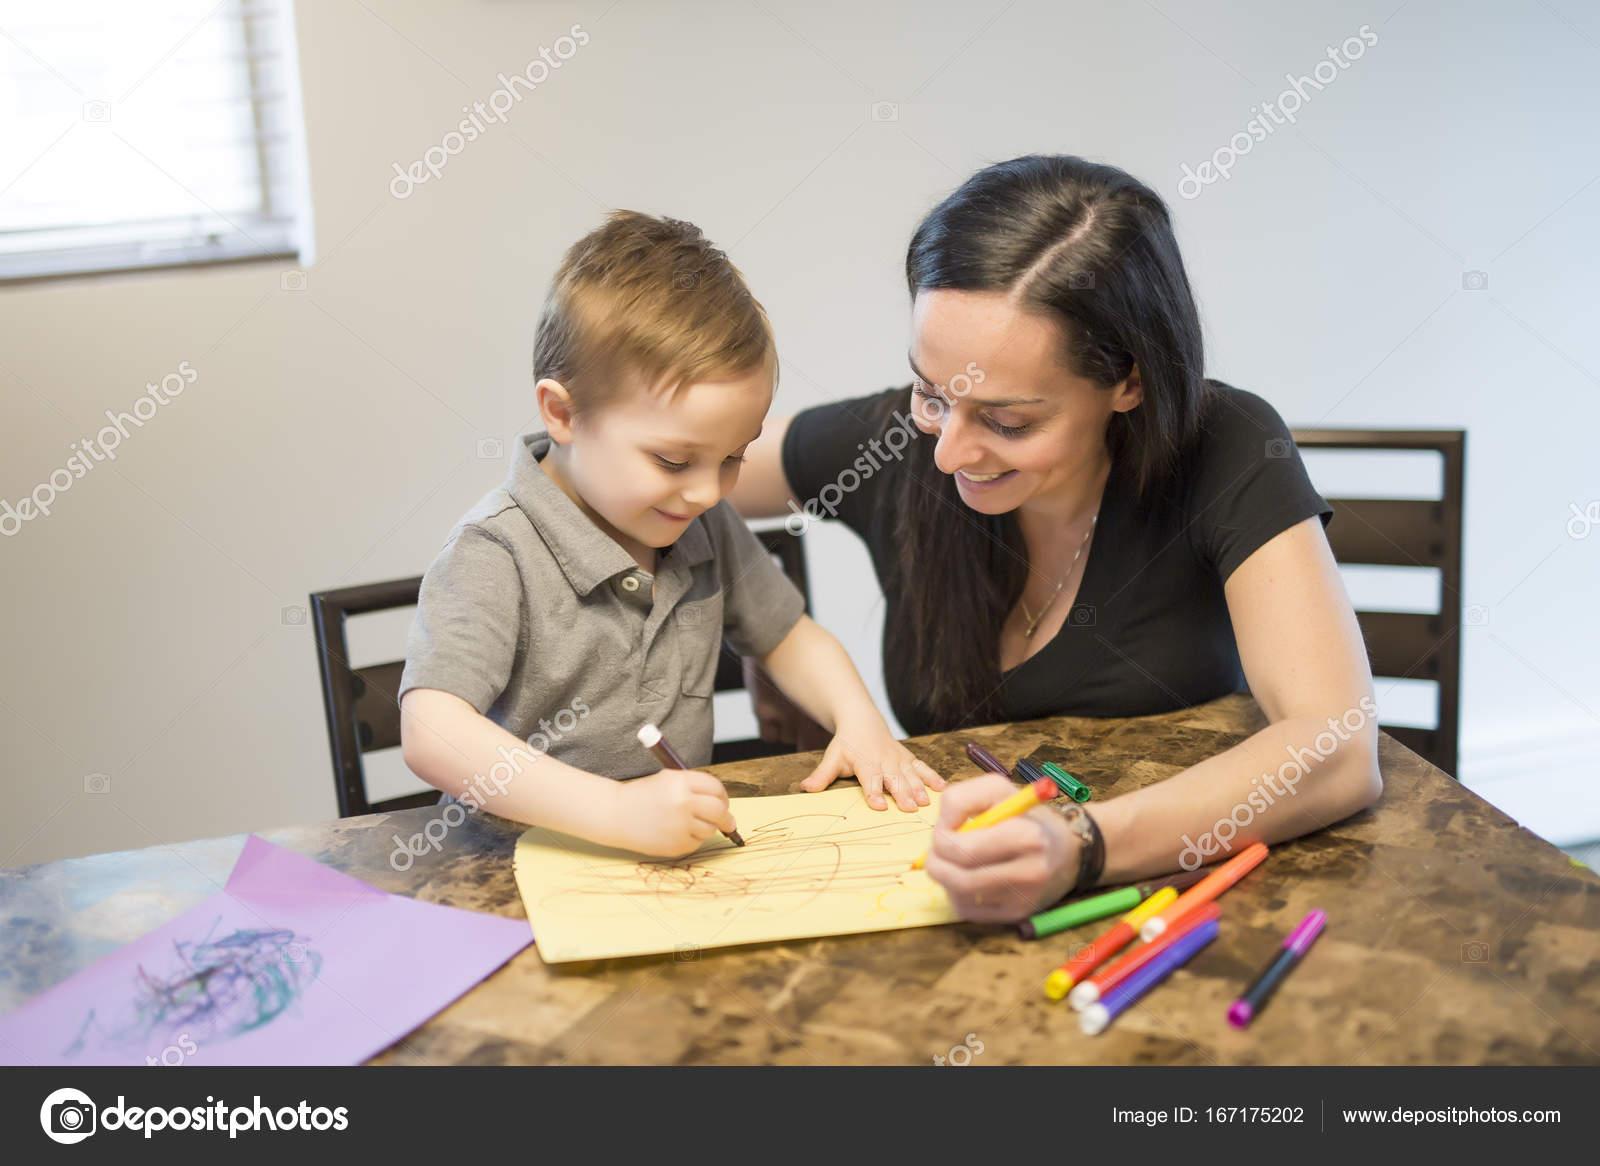 Kind Mit Seiner Mutter Am Tisch In Der Kuche Zu Hause Zeichnen